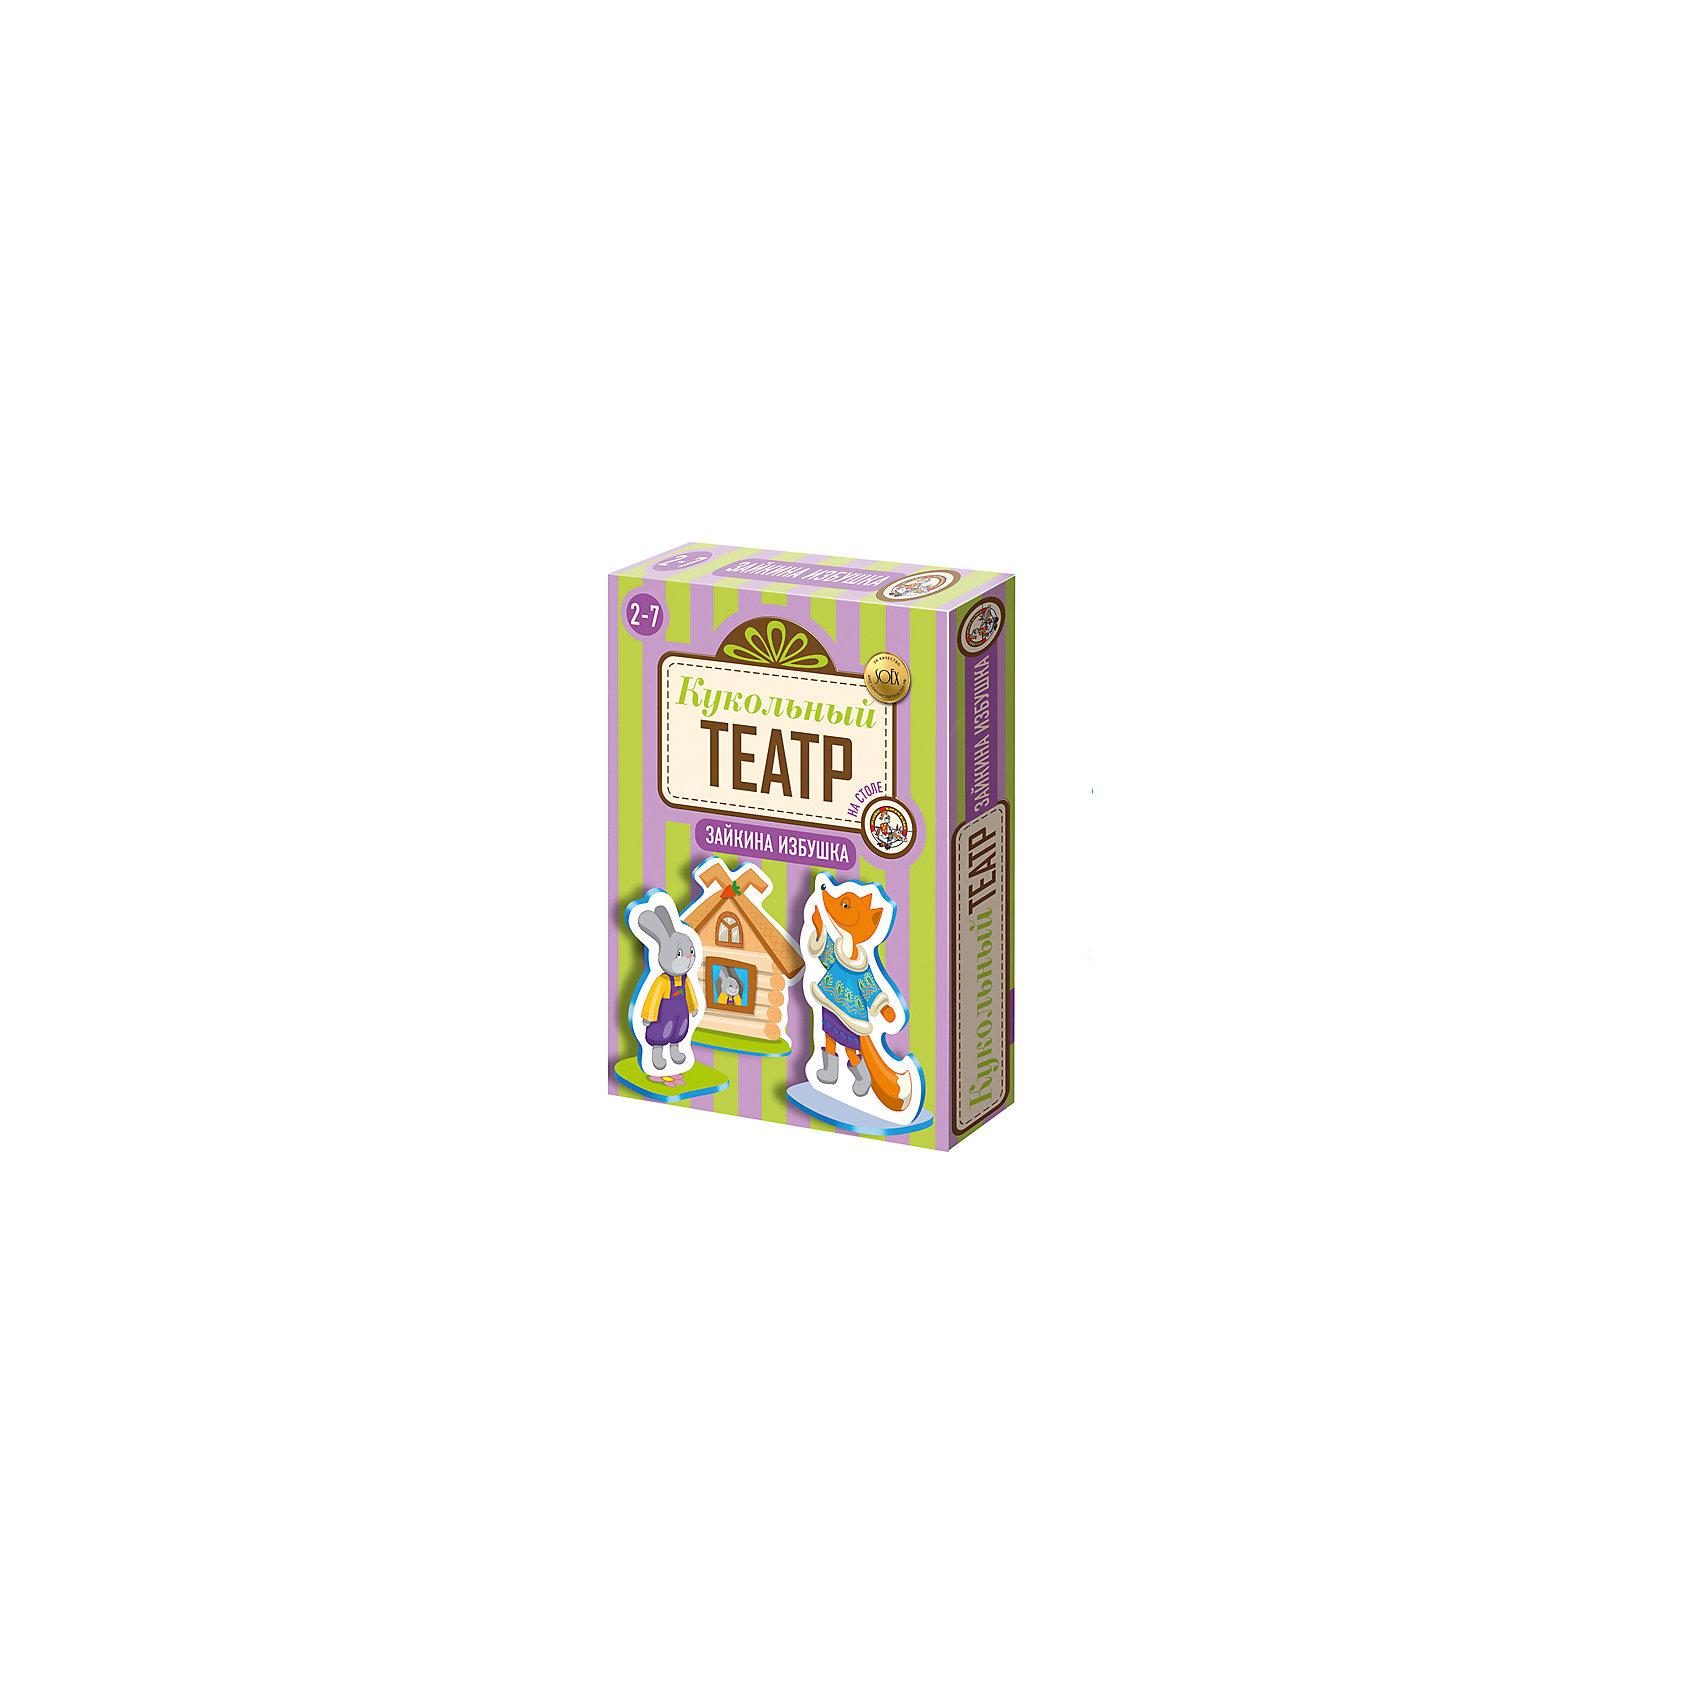 Кукольный театр на столе Зайкина избушка, Десятое королевствоКукольный театр на столе Зайкина избушка, Десятое королевство<br><br>Характеристики: <br><br>• Возраст: от 3 лет<br>• Материал: картон, бумага<br>• В комплекте: двусторонние фигурки, подставки, правила<br><br>Этот набор создан на основе знаменитой сказки и содержит в комплекте все необходимое, для разыгрывания мини-представления на эту тему. Играя с этим набором, ребенок будет учиться произносить длинные фразы, натренирует память и сможет избавиться от стеснительности и зажатости. Каждый элемент набора создан с применением качественных и безвредных для ребенка материалов.<br><br>Кукольный театр на столе Зайкина избушка, Десятое королевство можно купить в нашем интернет-магазине.<br><br>Ширина мм: 275<br>Глубина мм: 200<br>Высота мм: 40<br>Вес г: 231<br>Возраст от месяцев: 60<br>Возраст до месяцев: 84<br>Пол: Унисекс<br>Возраст: Детский<br>SKU: 5473778